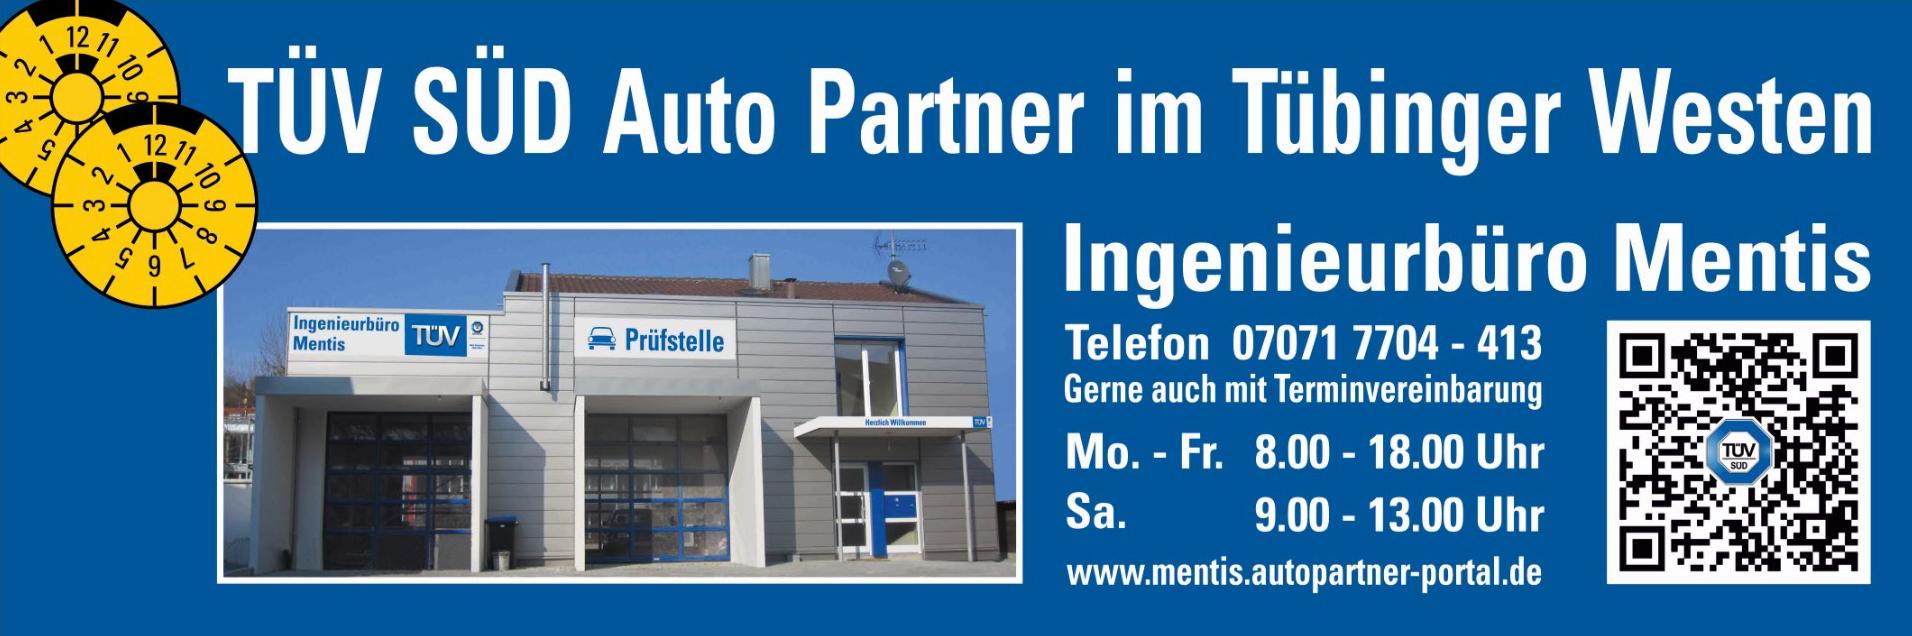 TÜV SÜD Auto Partner - Prüfstelle Tübingen